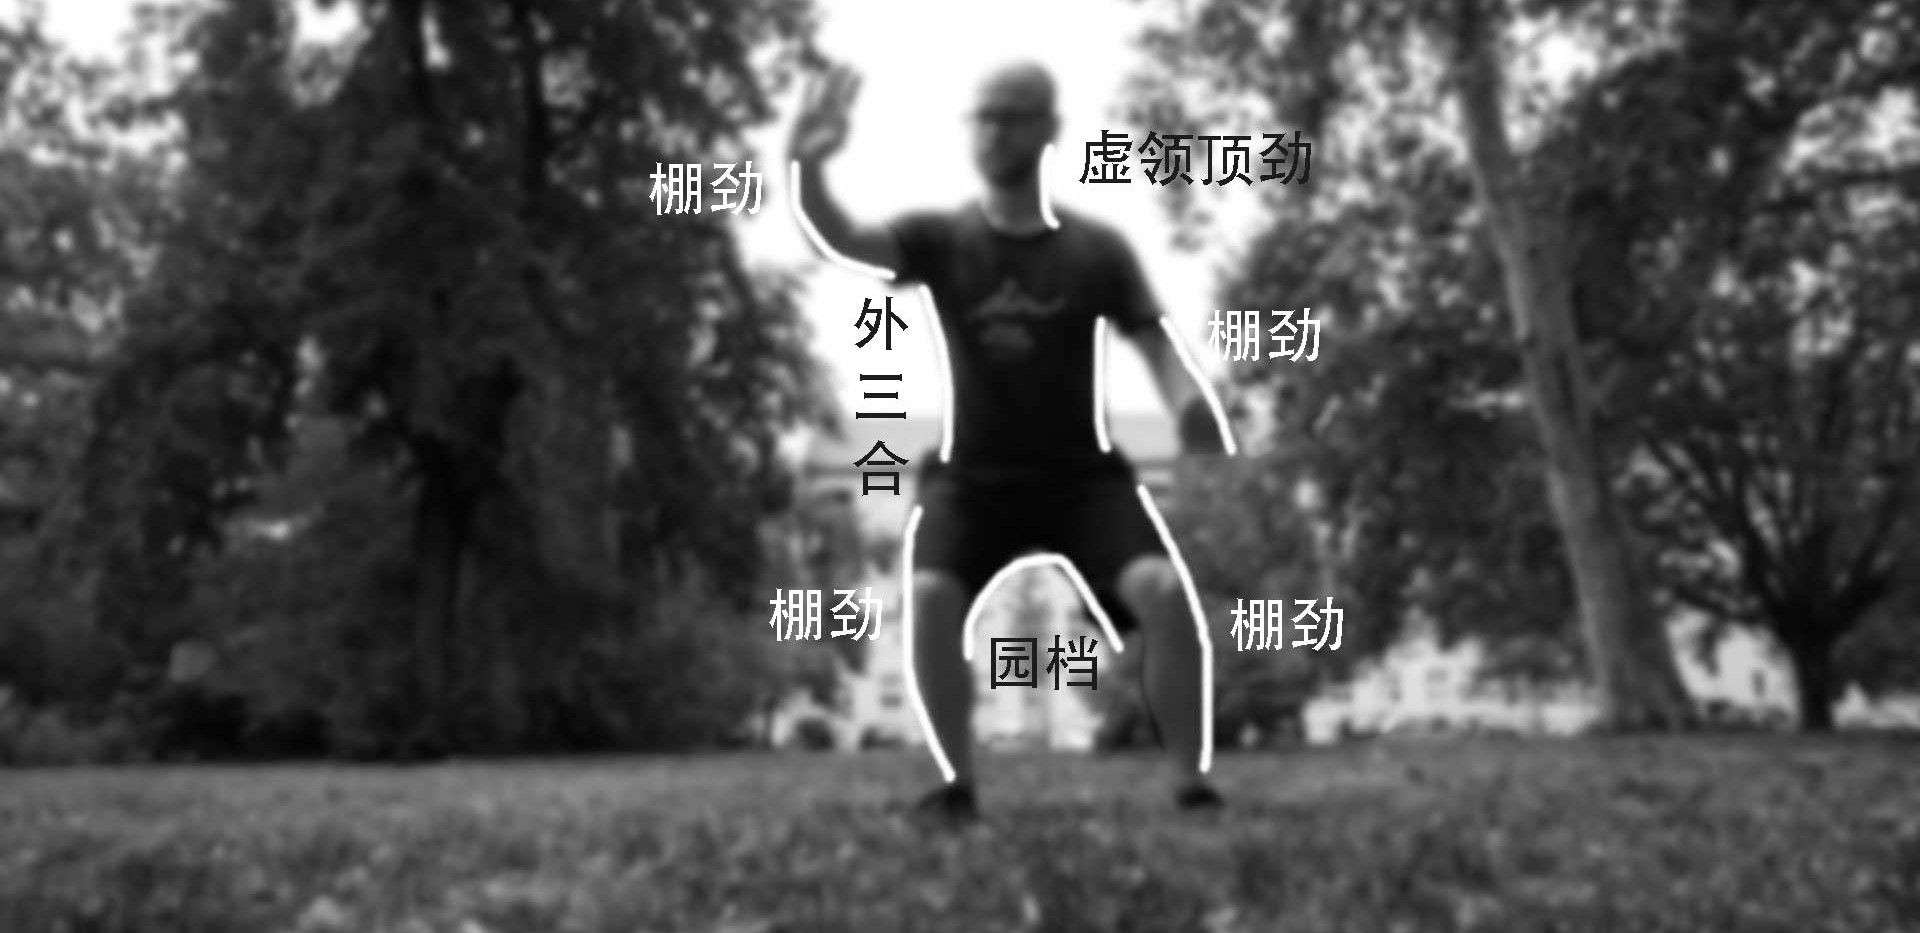 Anforderungen - Yaoqiu